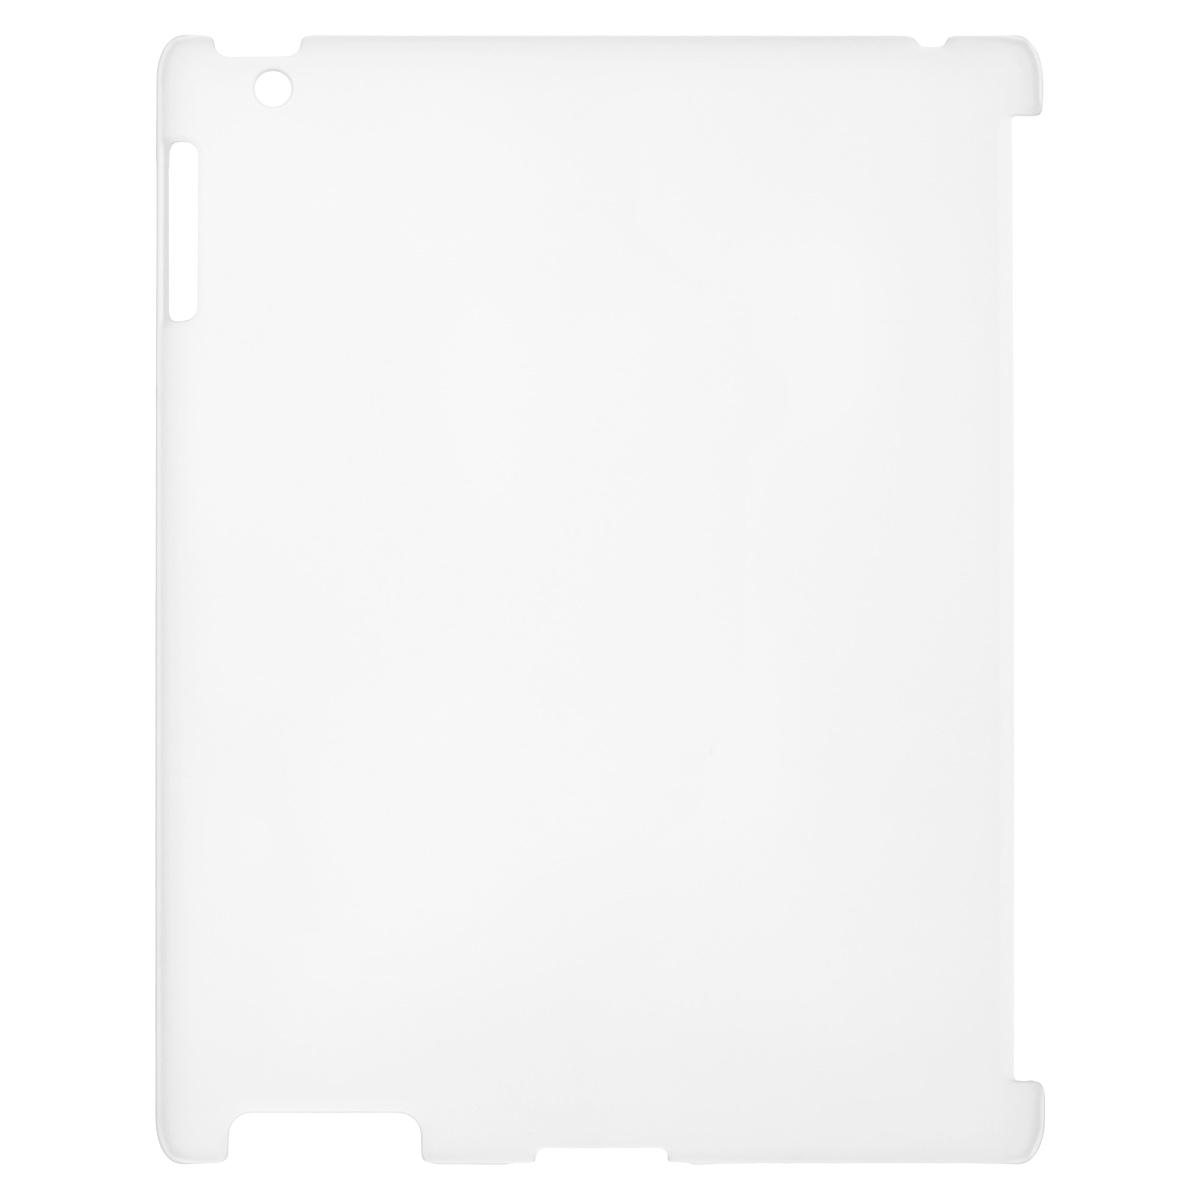 Black Horns чехол для iPad2, White (BH-iD2201)BH-iD2201( R)Чехол Black Horns для iPad2 разработан для защиты вашего планшета от пыли, царапин и потертостей. Выполнен из приятного на ощупь матового материала. Обеспечивает свободный доступ к функциональным кнопка.